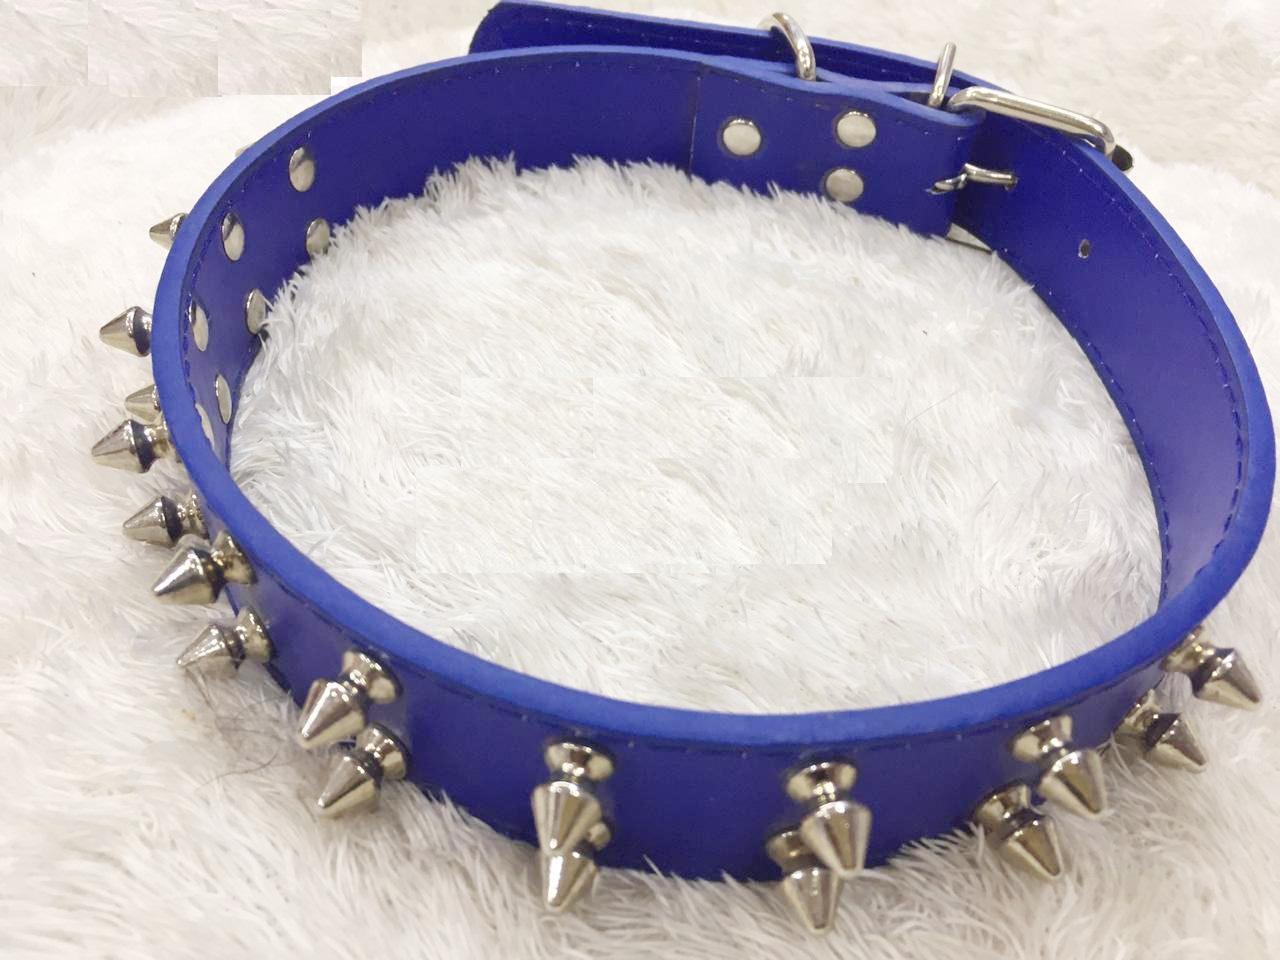 Nunbell Collar For Dog - Pet Accessories - Pet Store - Pet supplies